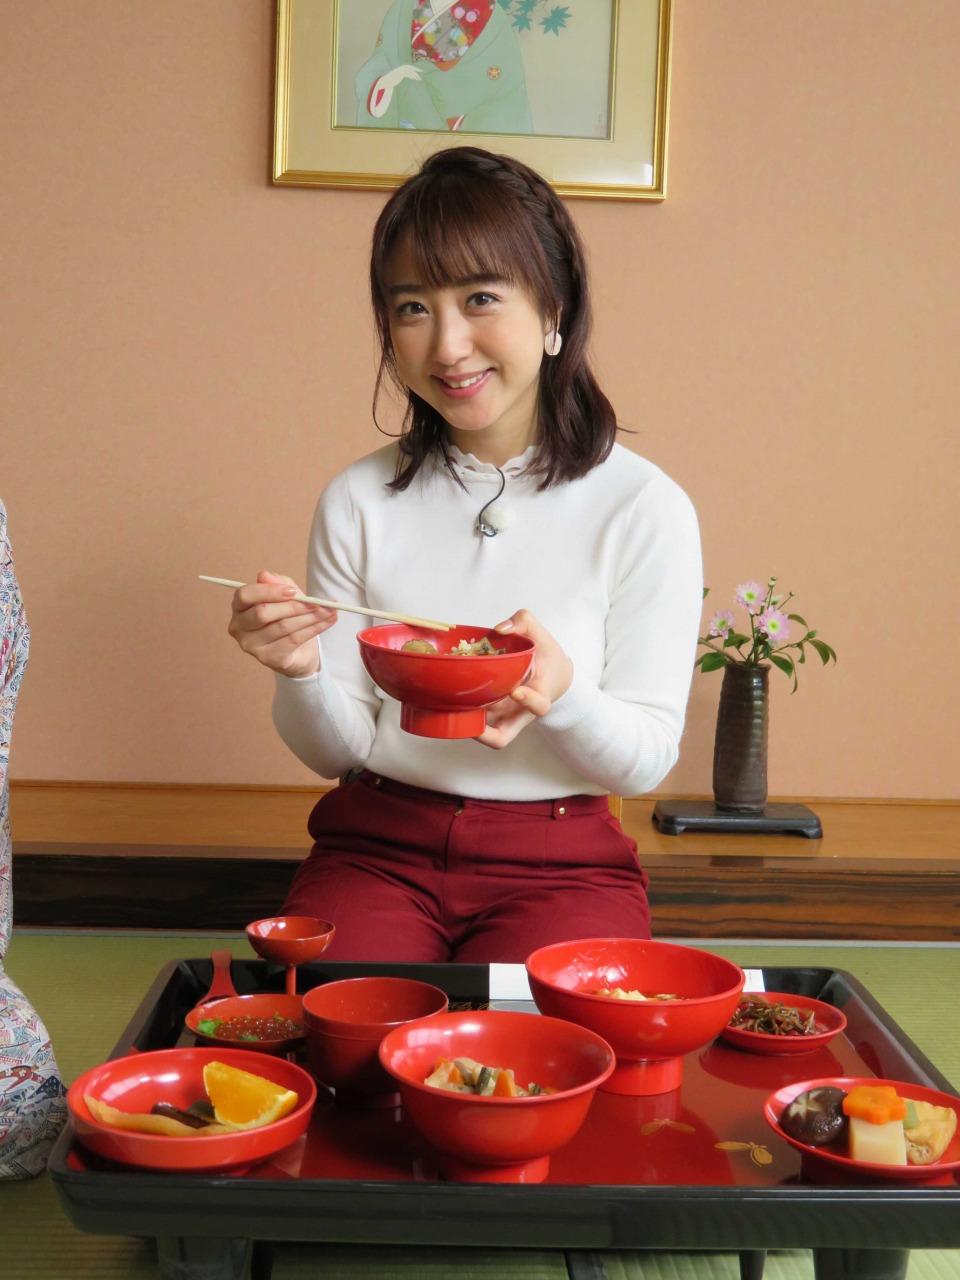 川田裕美(かわた ひろみ)、松前藩の祝膳「藩主料理」を堪能